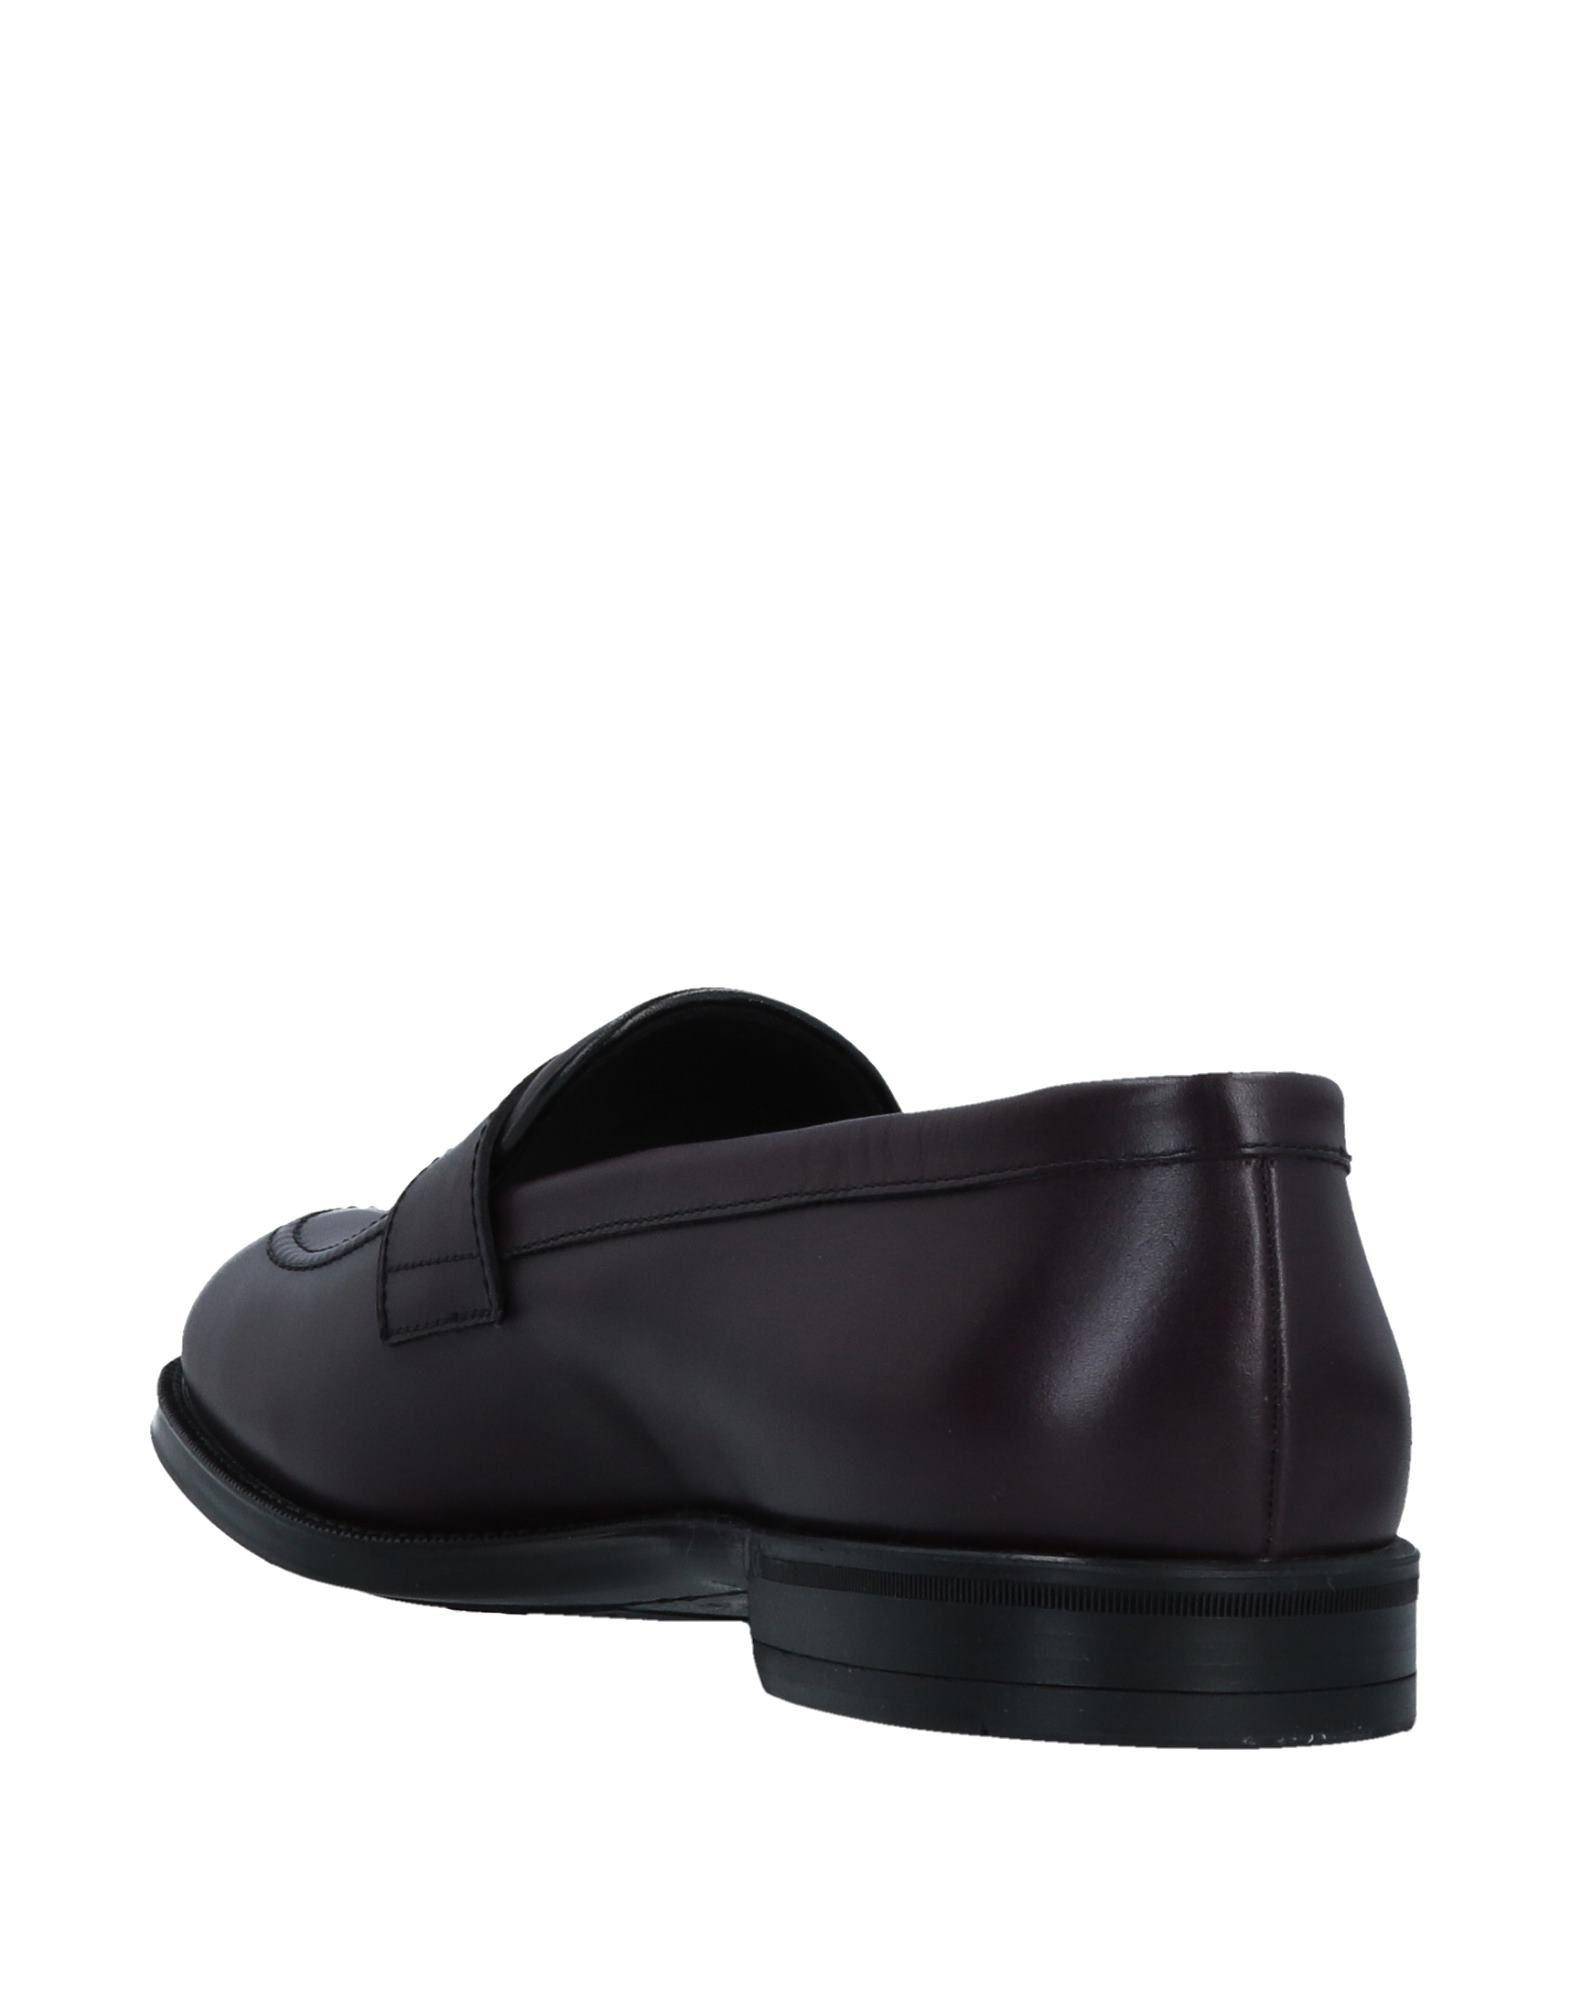 Doucal's Mokassins Herren  11502115UE Schuhe Gute Qualität beliebte Schuhe 11502115UE 067cdb